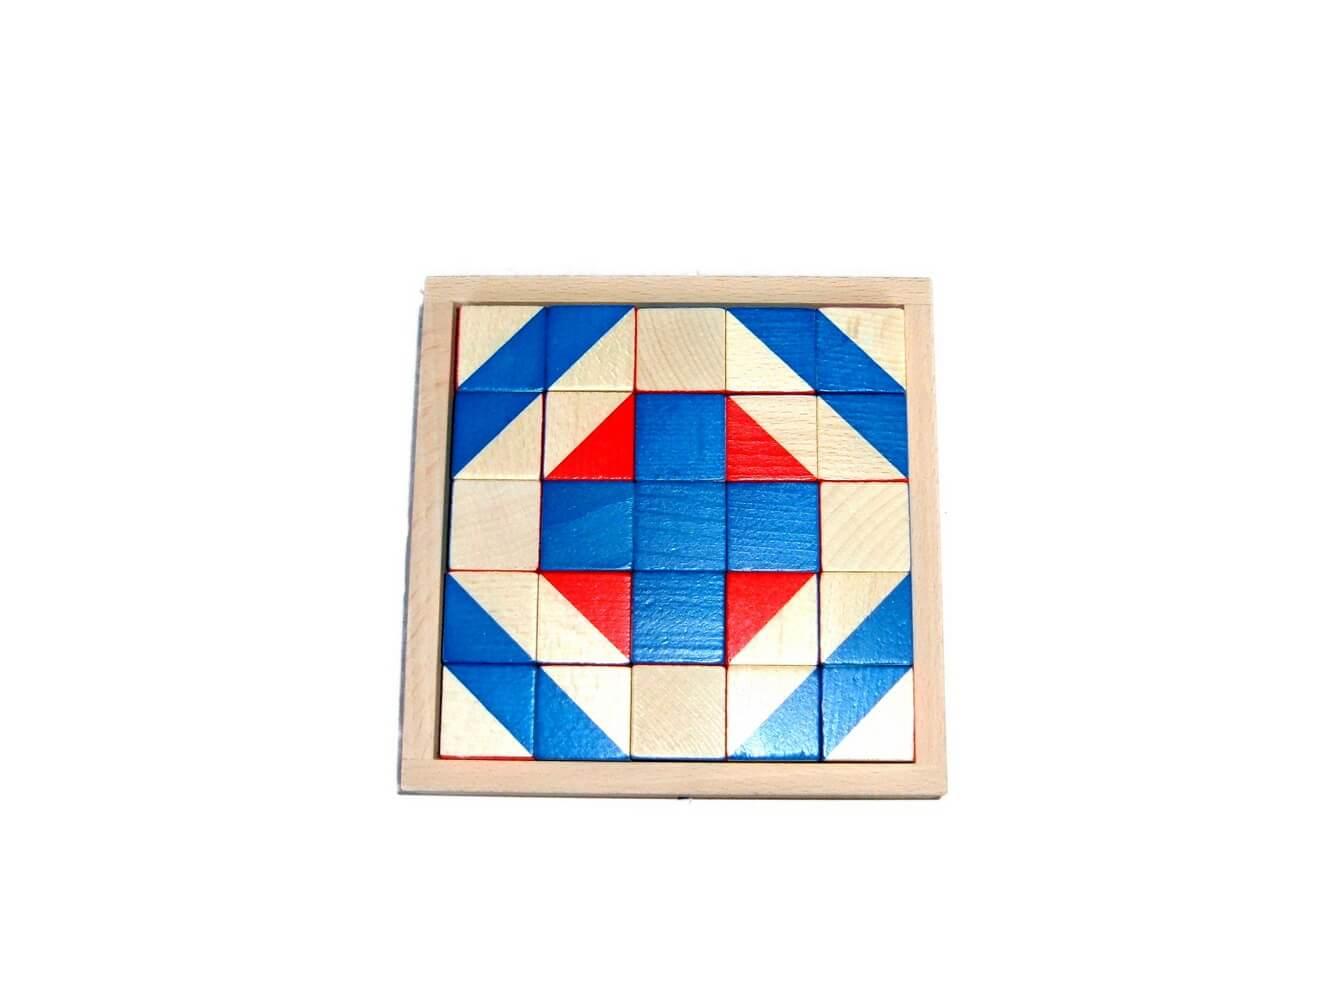 Würfelmosaik mit 25 Bausteinen, farbig von Ebert GmbH - Bild 1